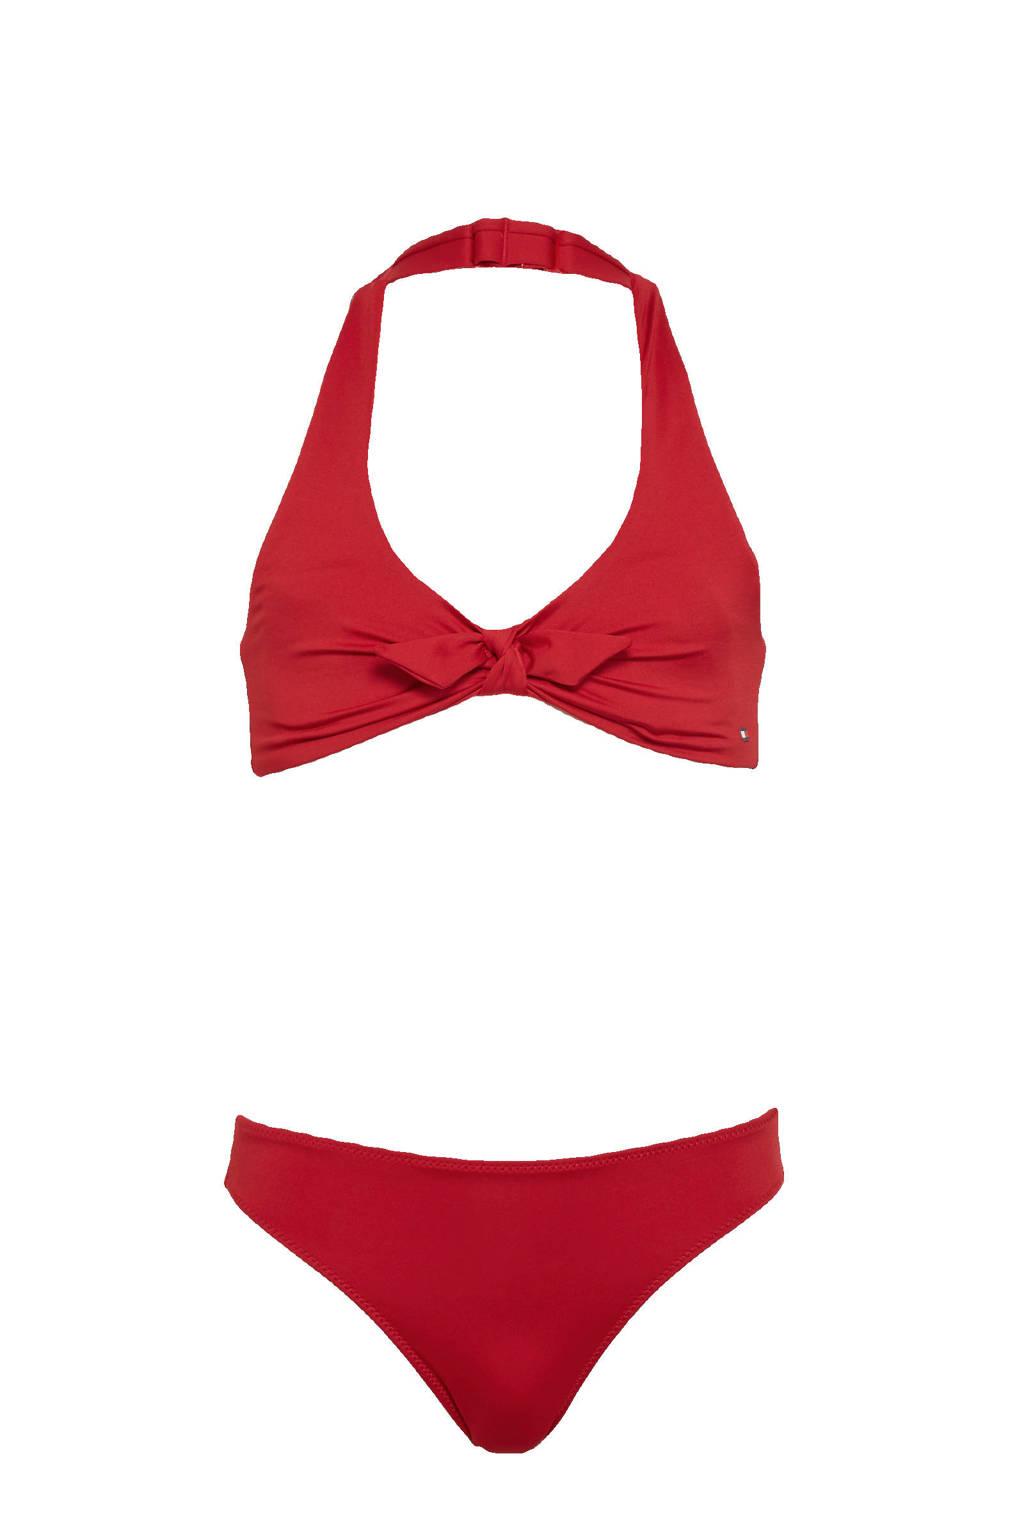 Tommy Hilfiger halter bikini met strik detail rood, Rood